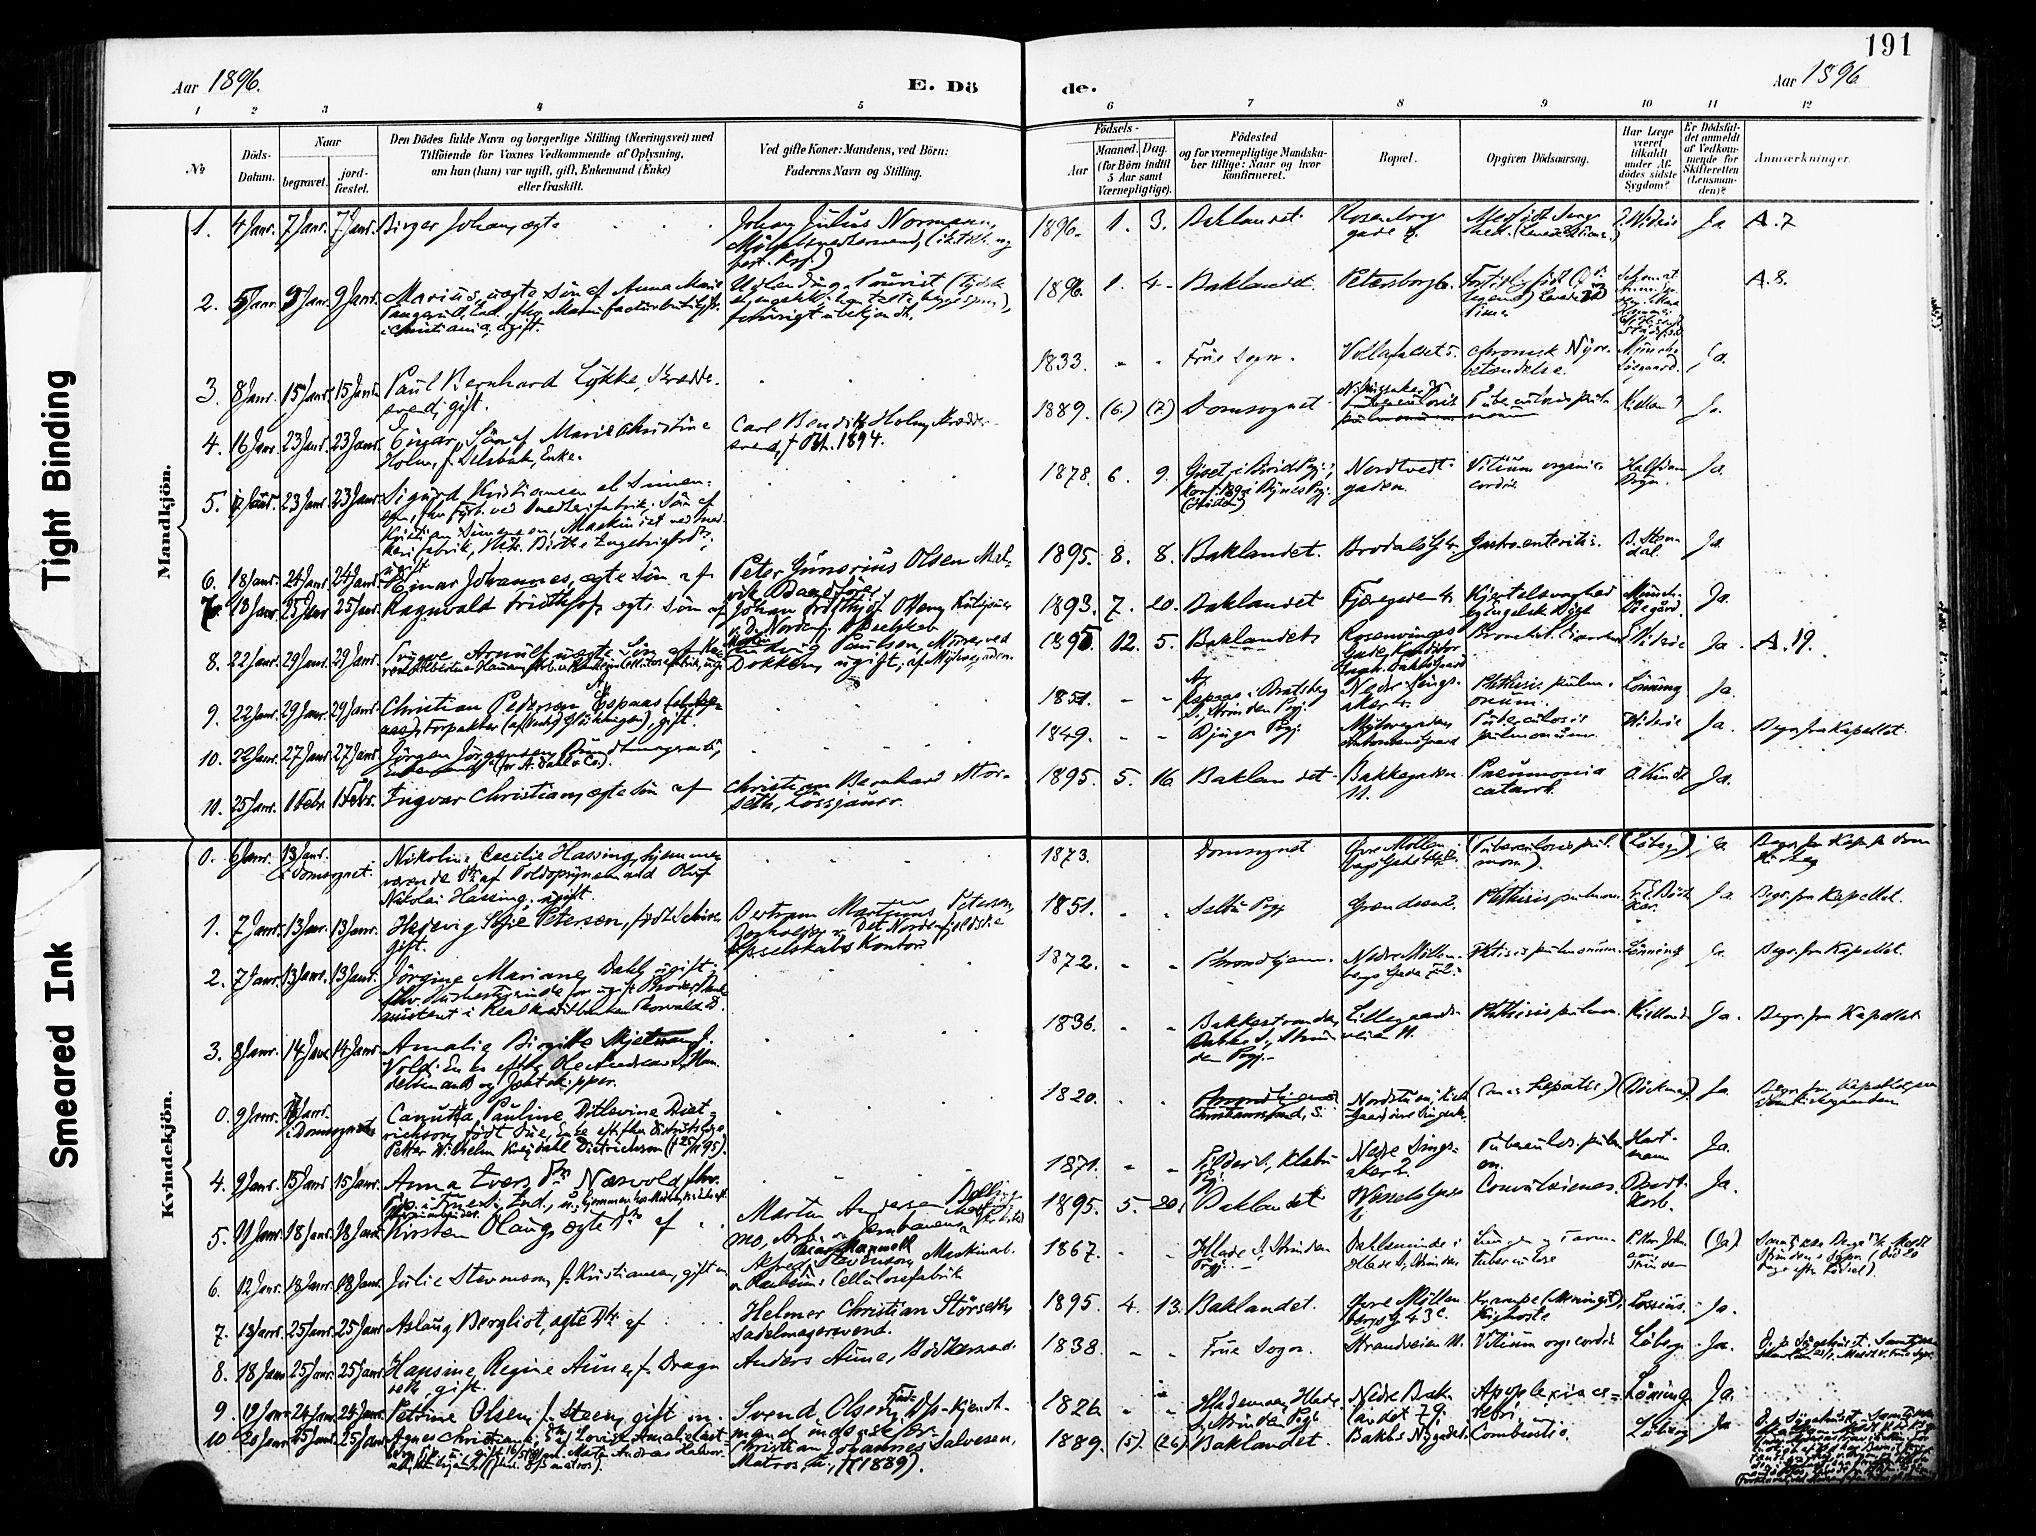 SAT, Ministerialprotokoller, klokkerbøker og fødselsregistre - Sør-Trøndelag, 604/L0198: Ministerialbok nr. 604A19, 1893-1900, s. 191